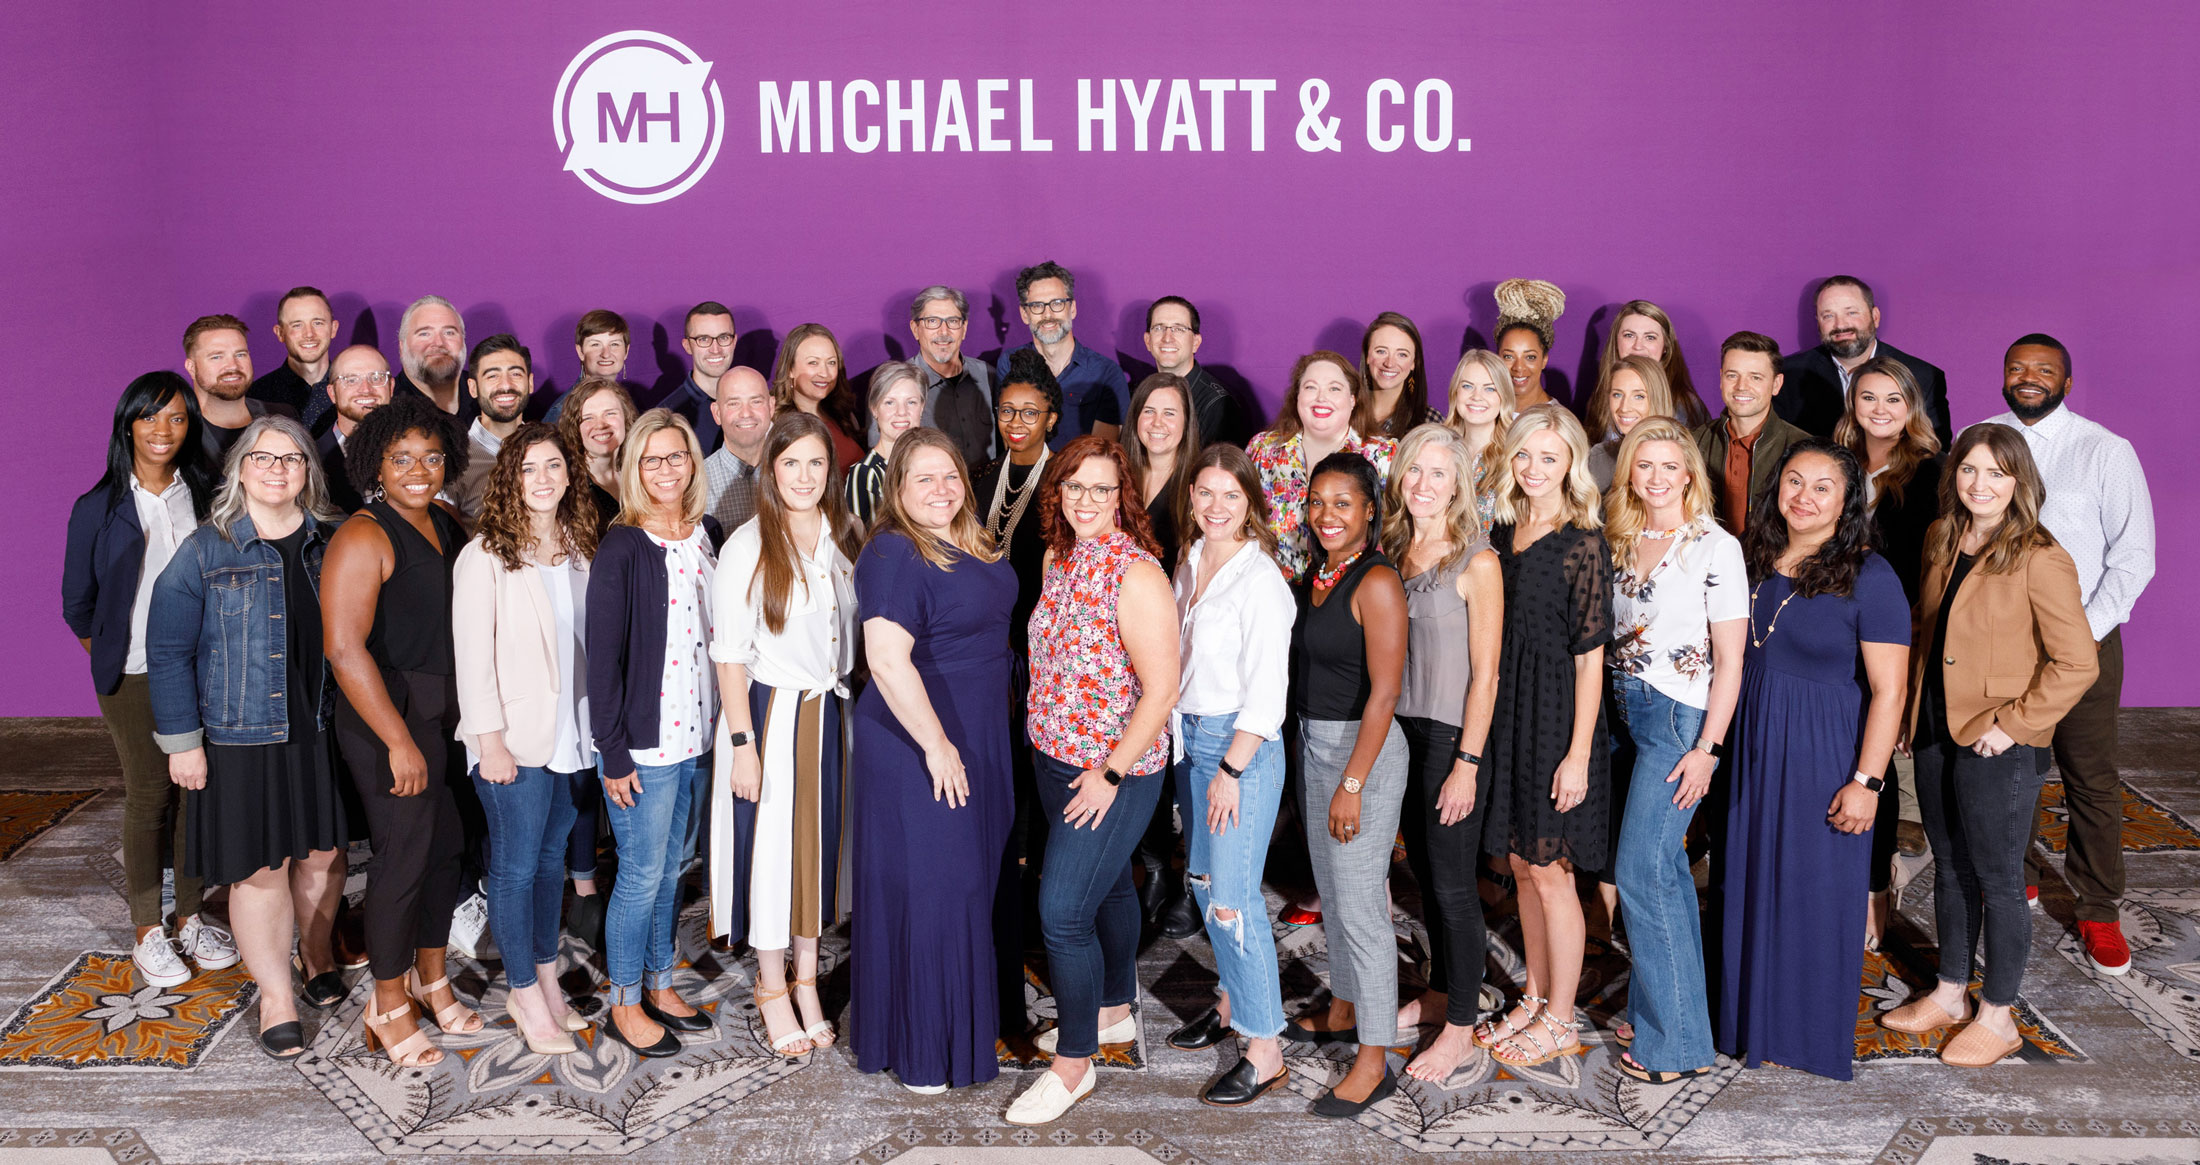 The Michael Hyatt & Co Team